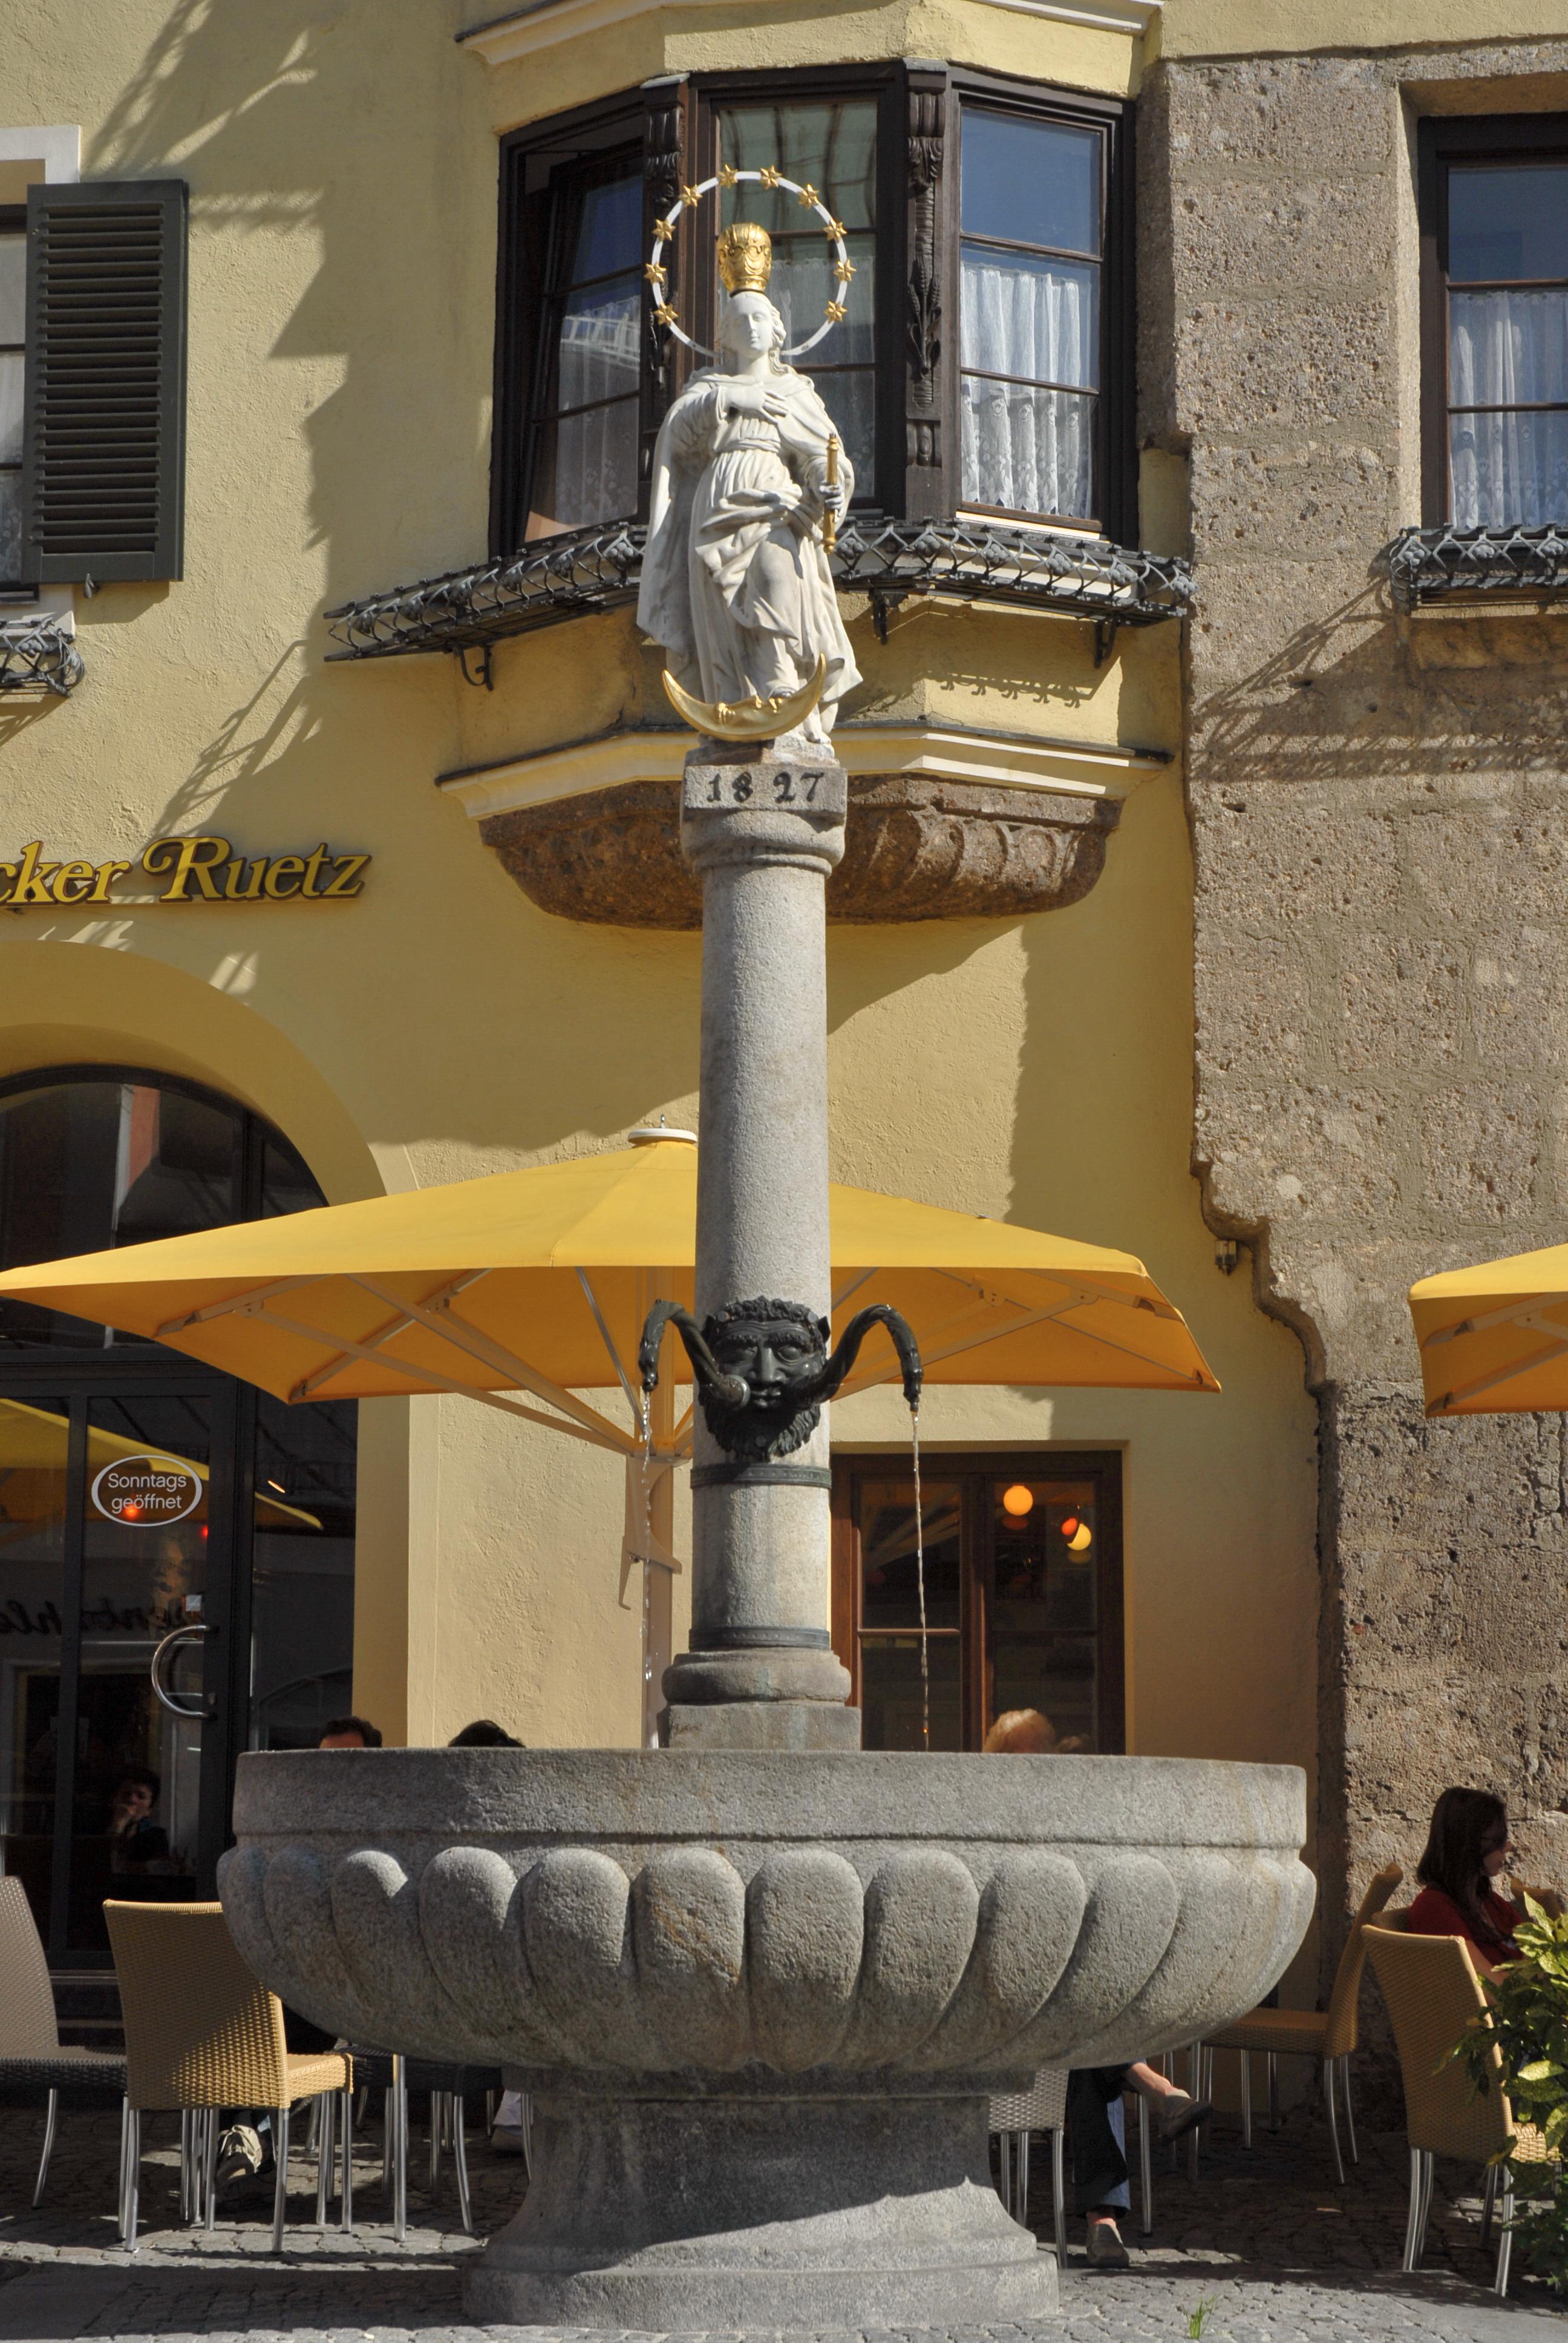 Sie sucht Ihn Hall in Tirol | Locanto Dating Hall in Tirol